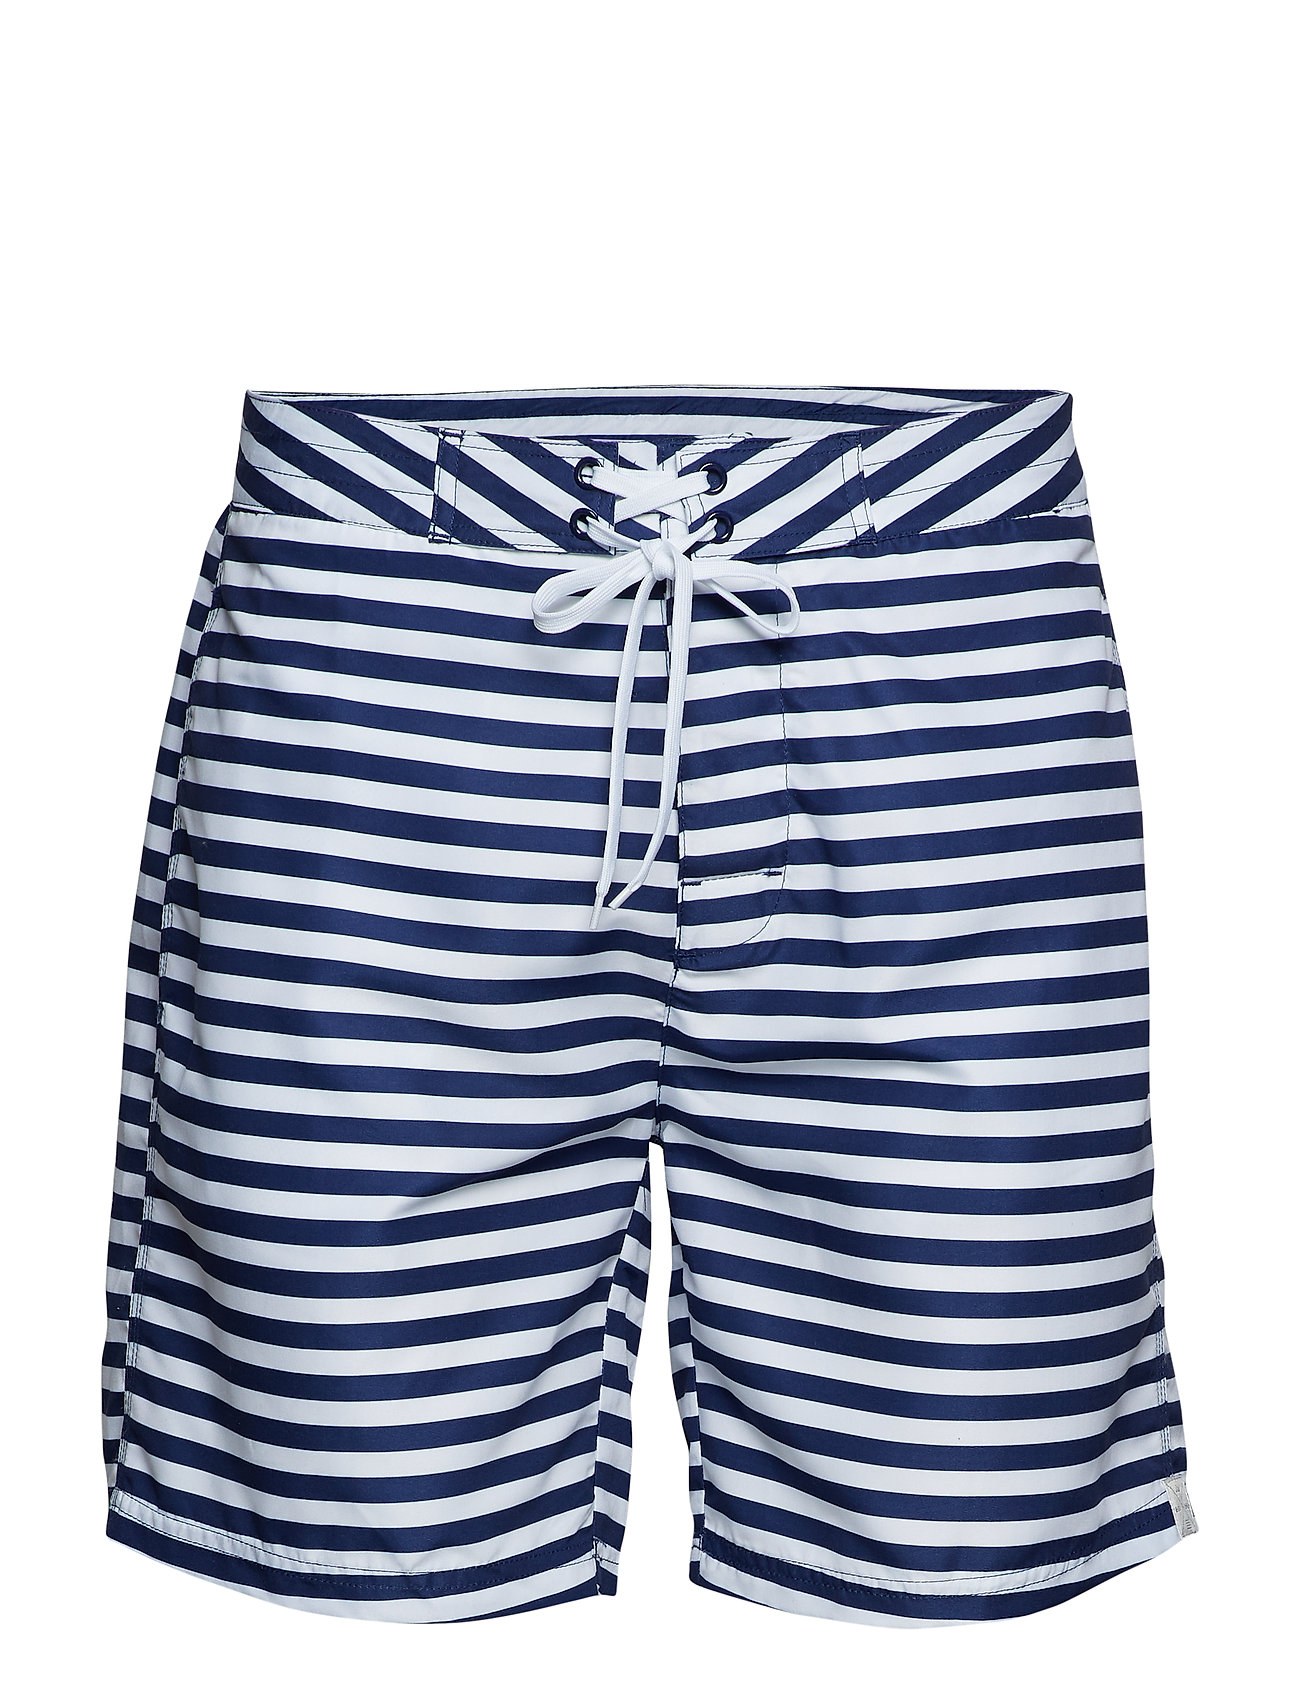 JBS JBS swim shorts - STRIPES